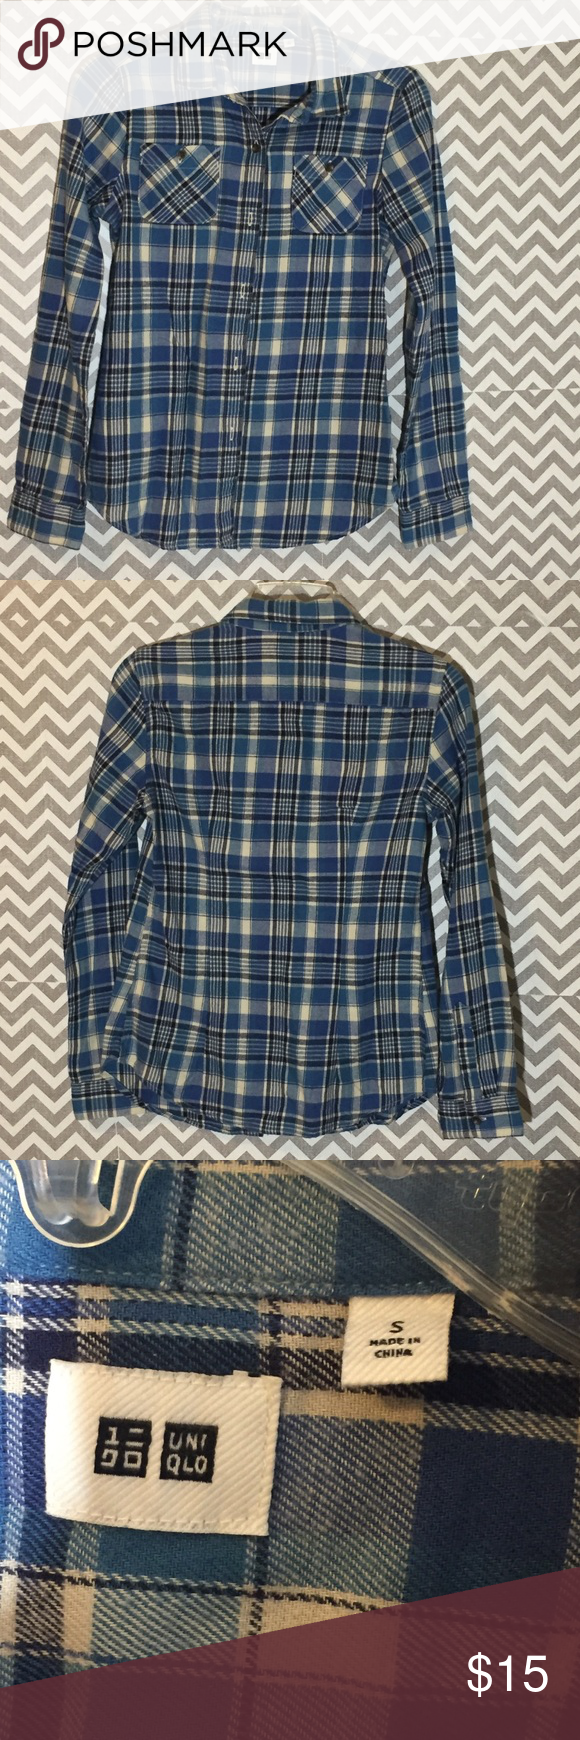 Uniqlo flannel jacket  Uniqlo Plaid Button Down Shirt  My Posh Picks  Pinterest  Uniqlo